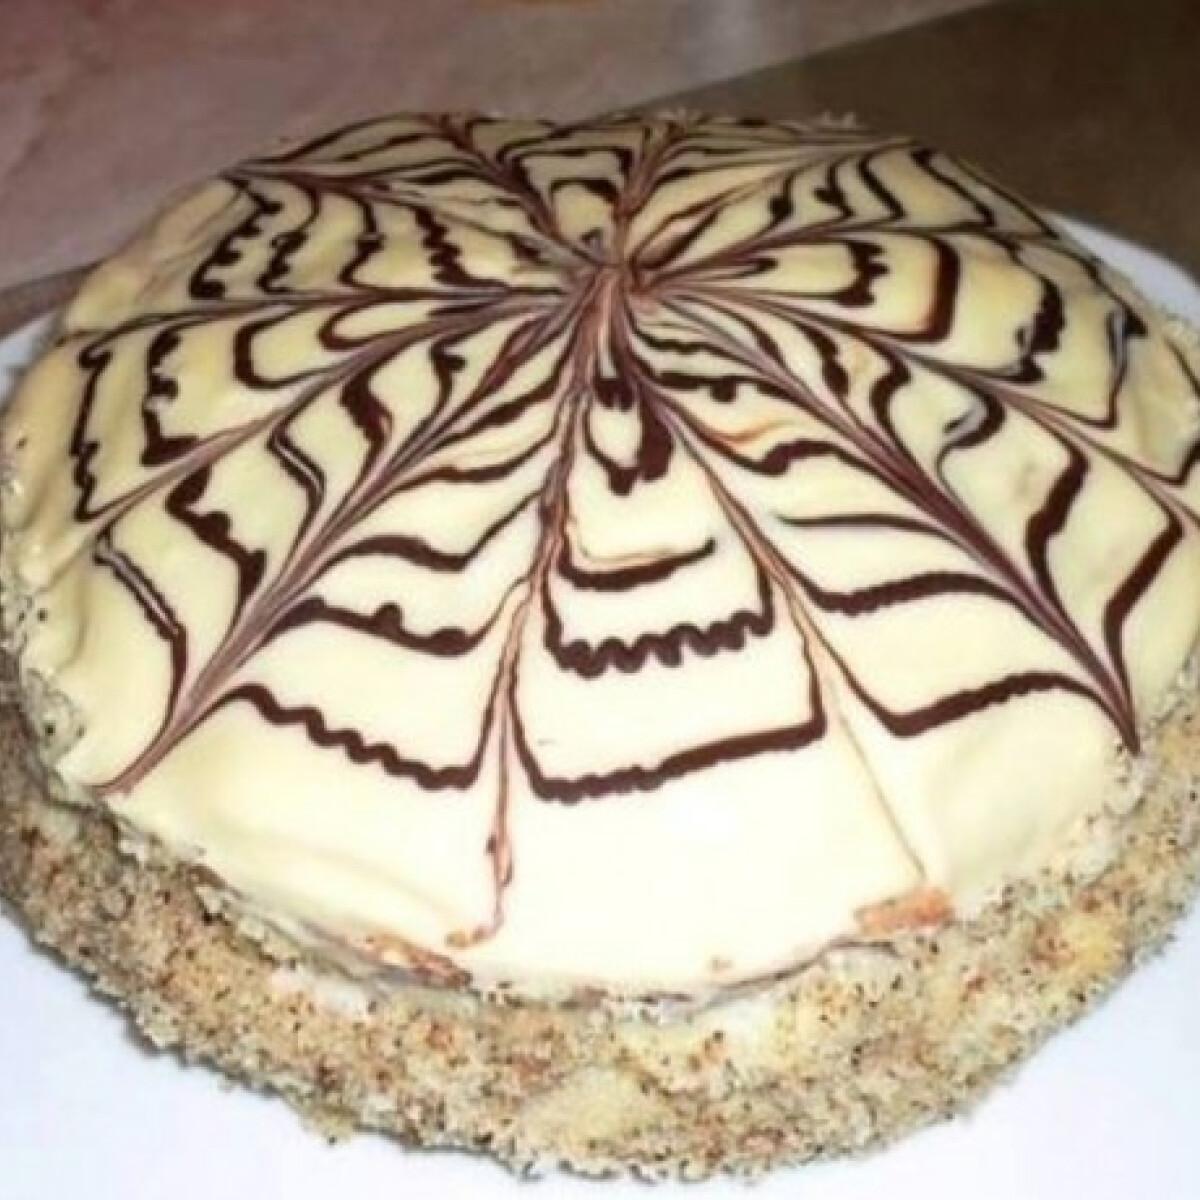 Ezen a képen: Eszterházy-torta Nagymama konyhájából